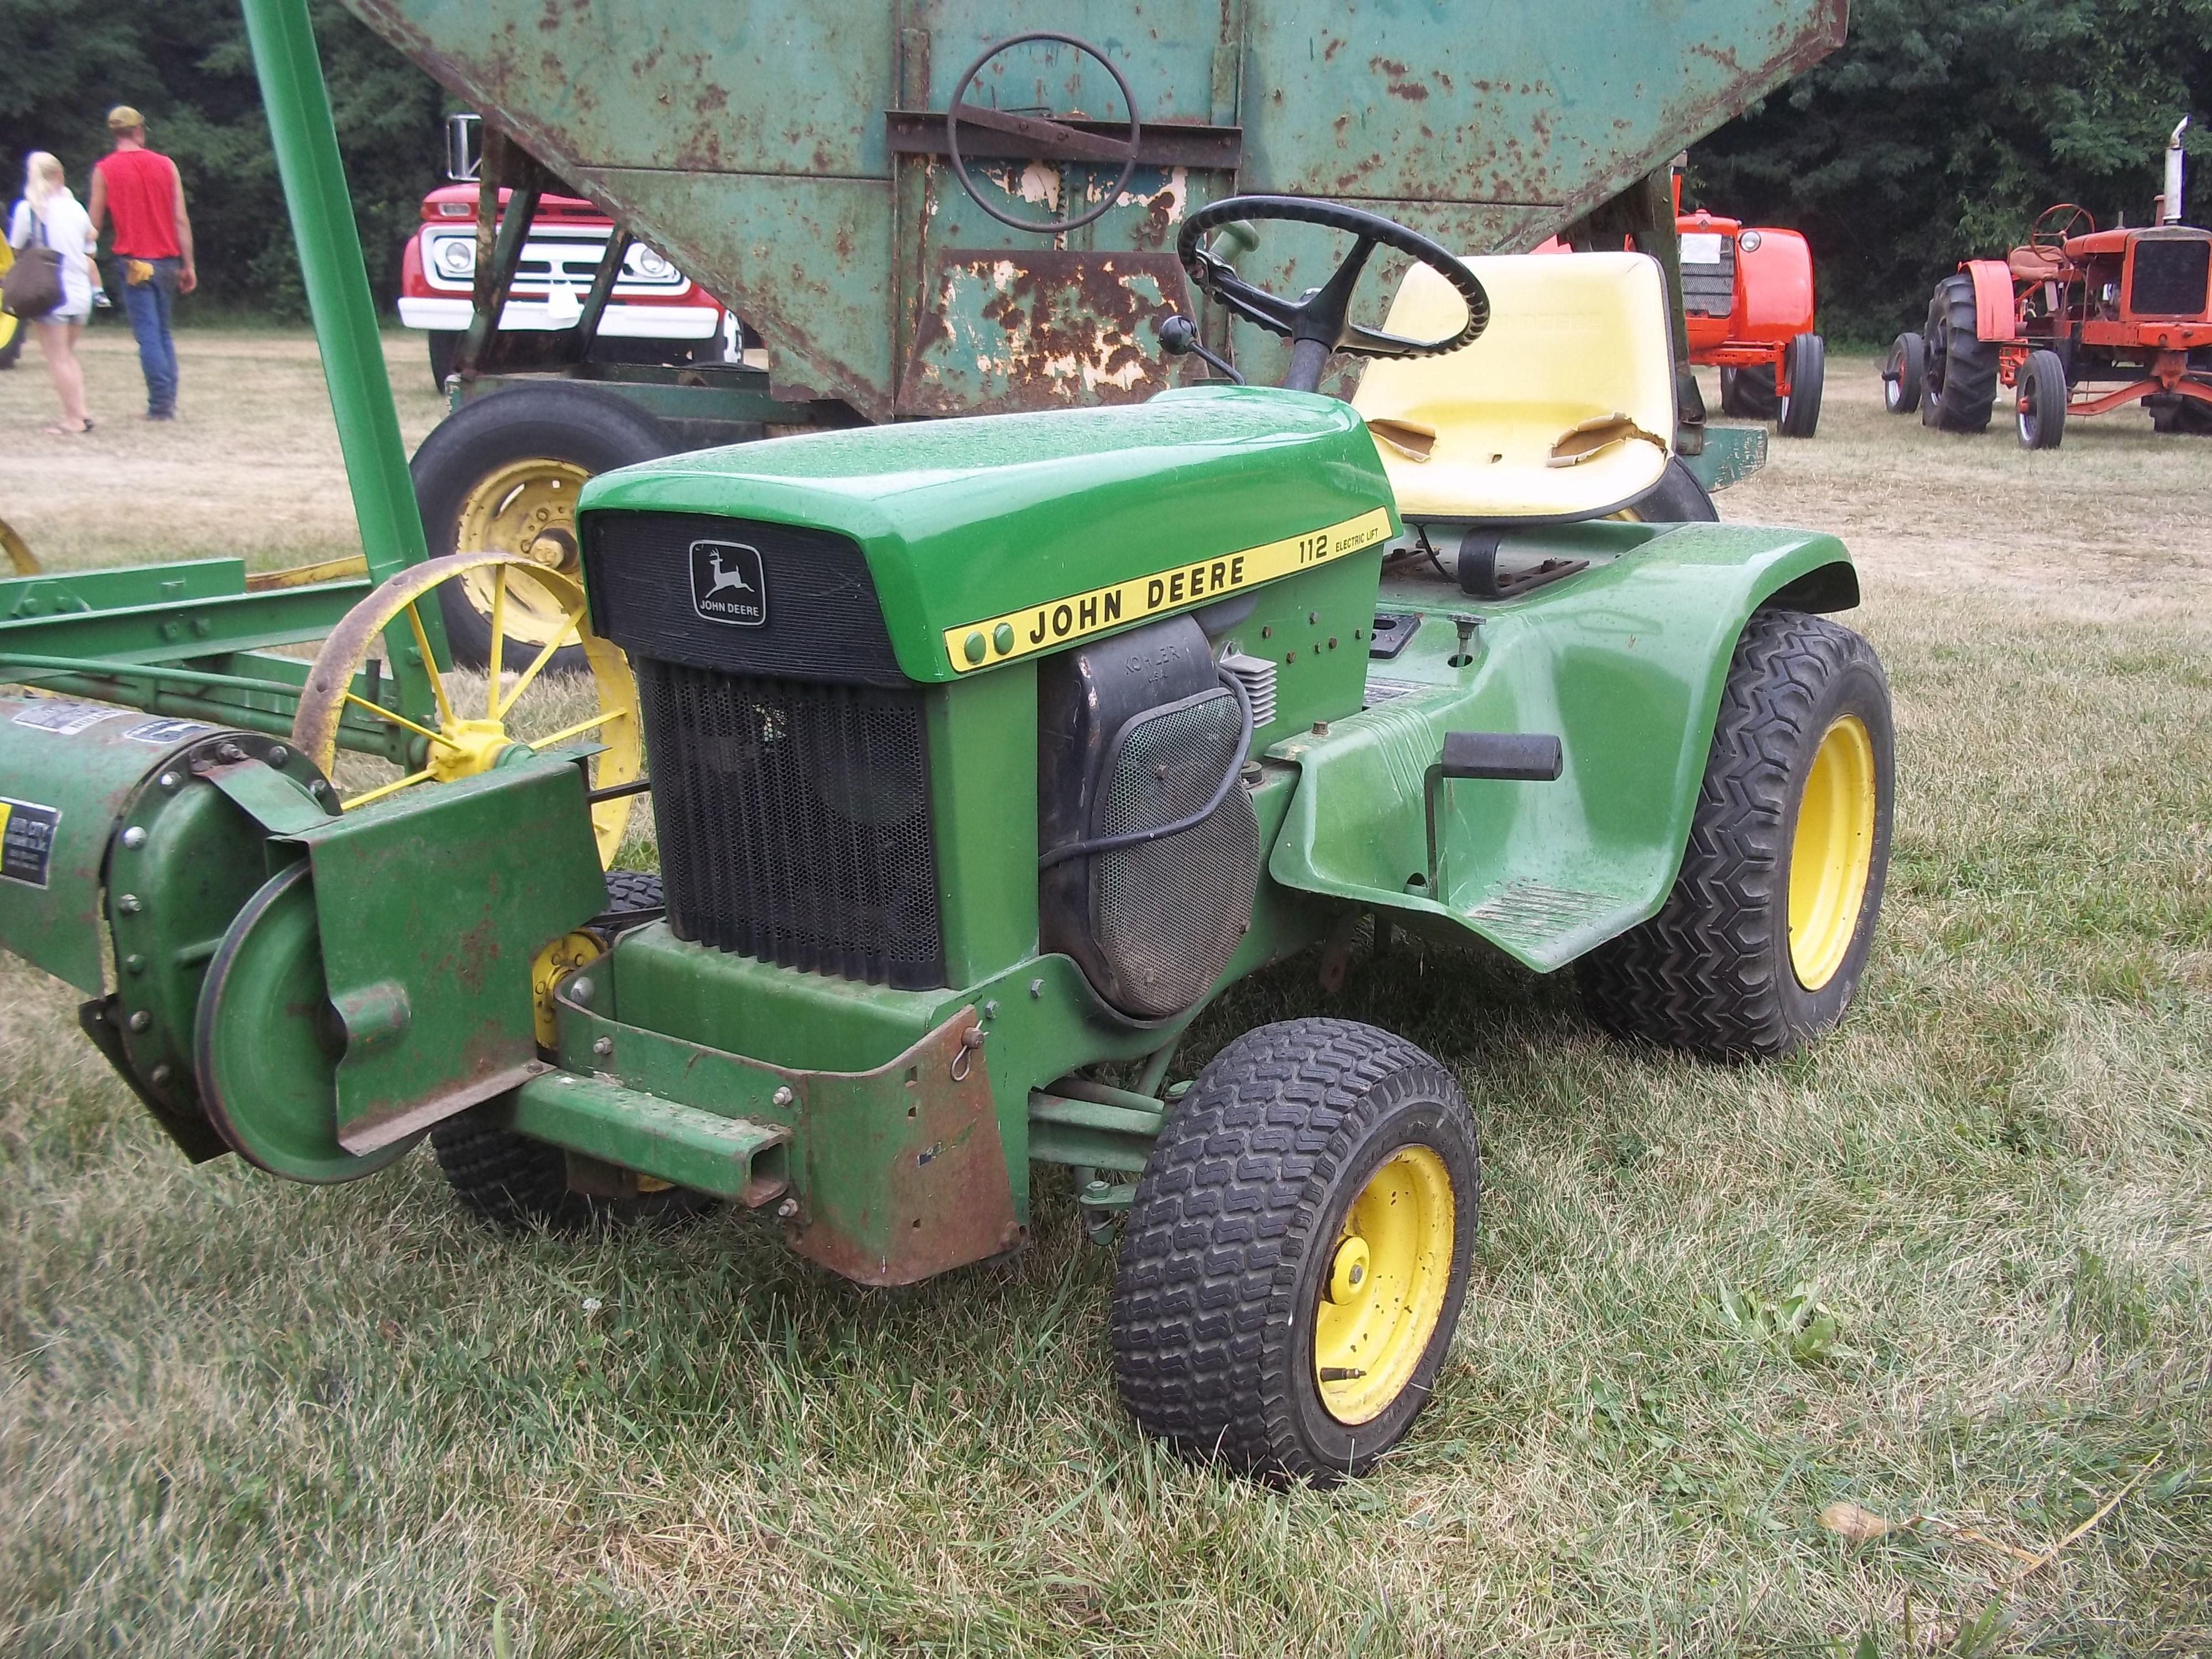 John Deere Lawn Tractor Equipment : Lawn garden tractor john deere equipment pinterest